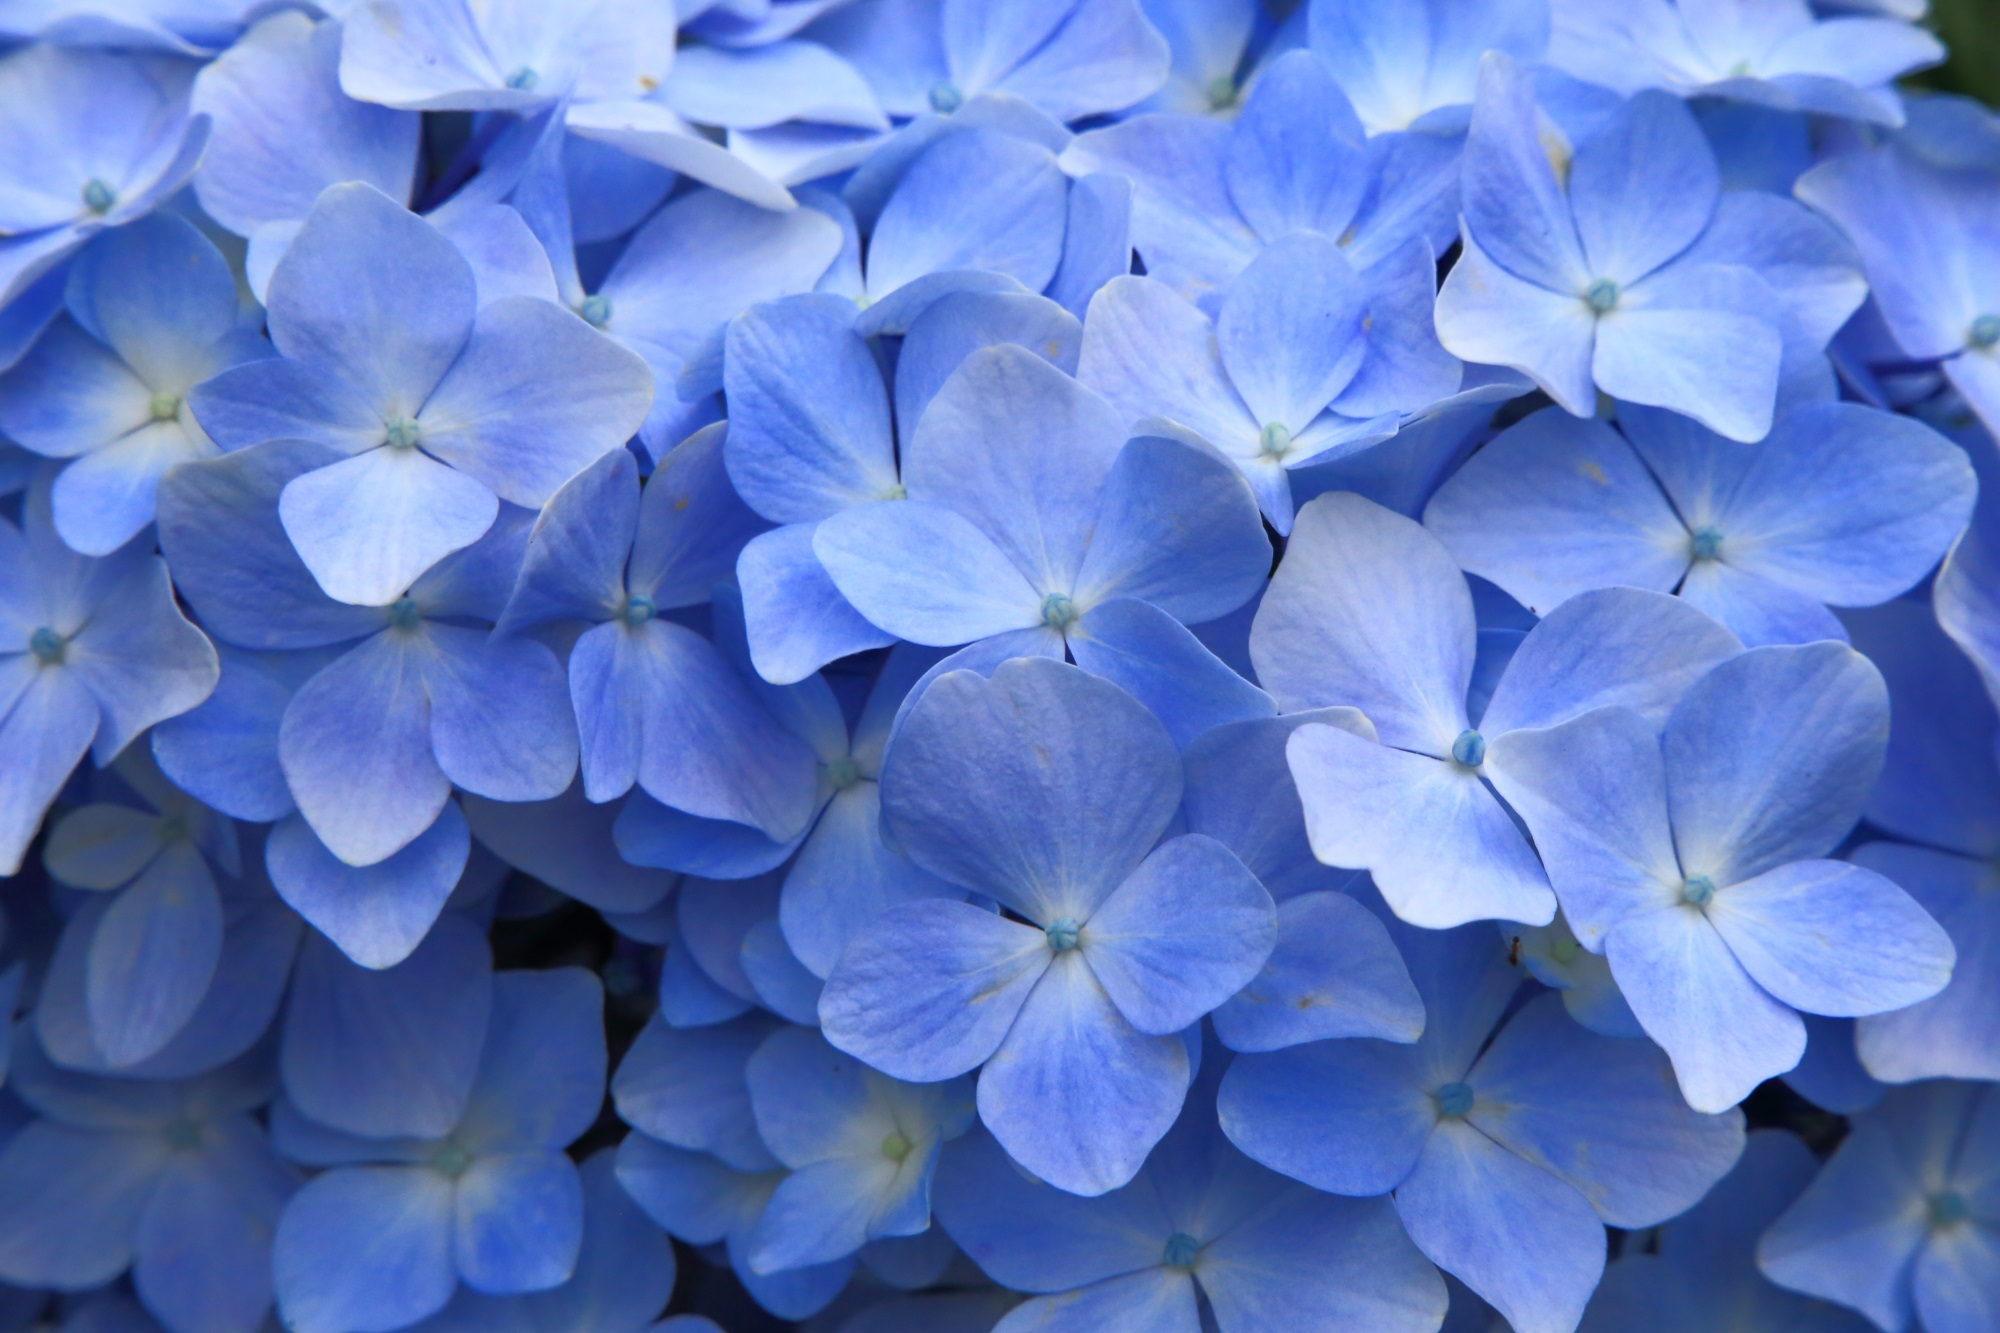 状態が良く花びら一枚一枚が綺麗な紫陽花